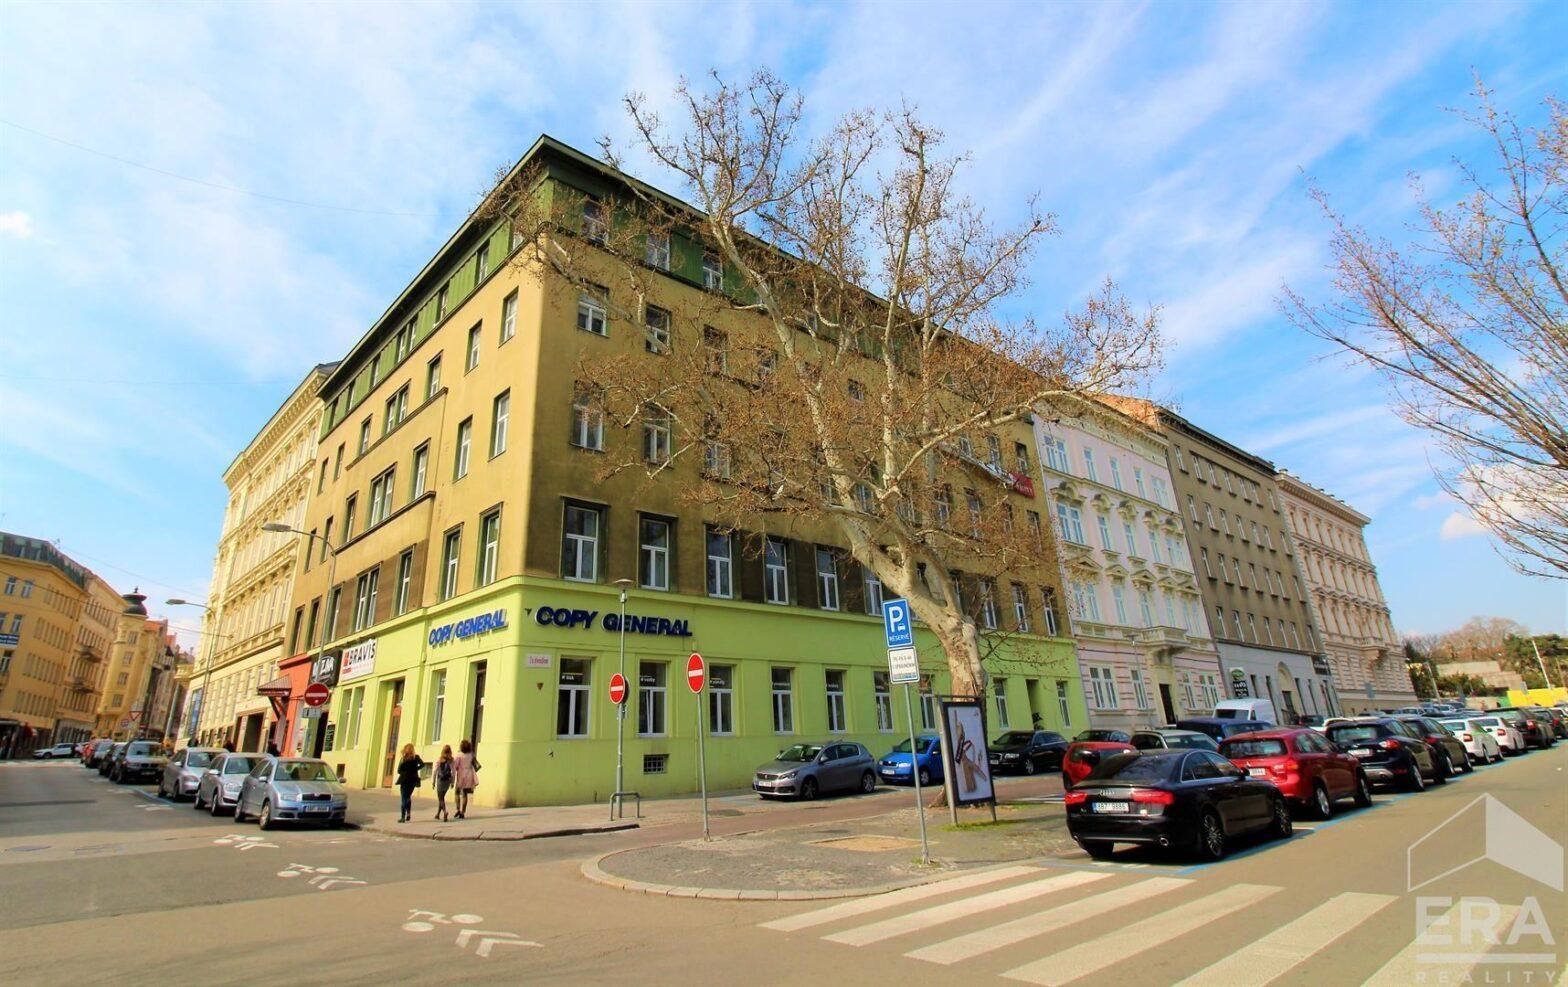 Pronájem kanceláře (15,7m2), Brno-město, Dvořákova